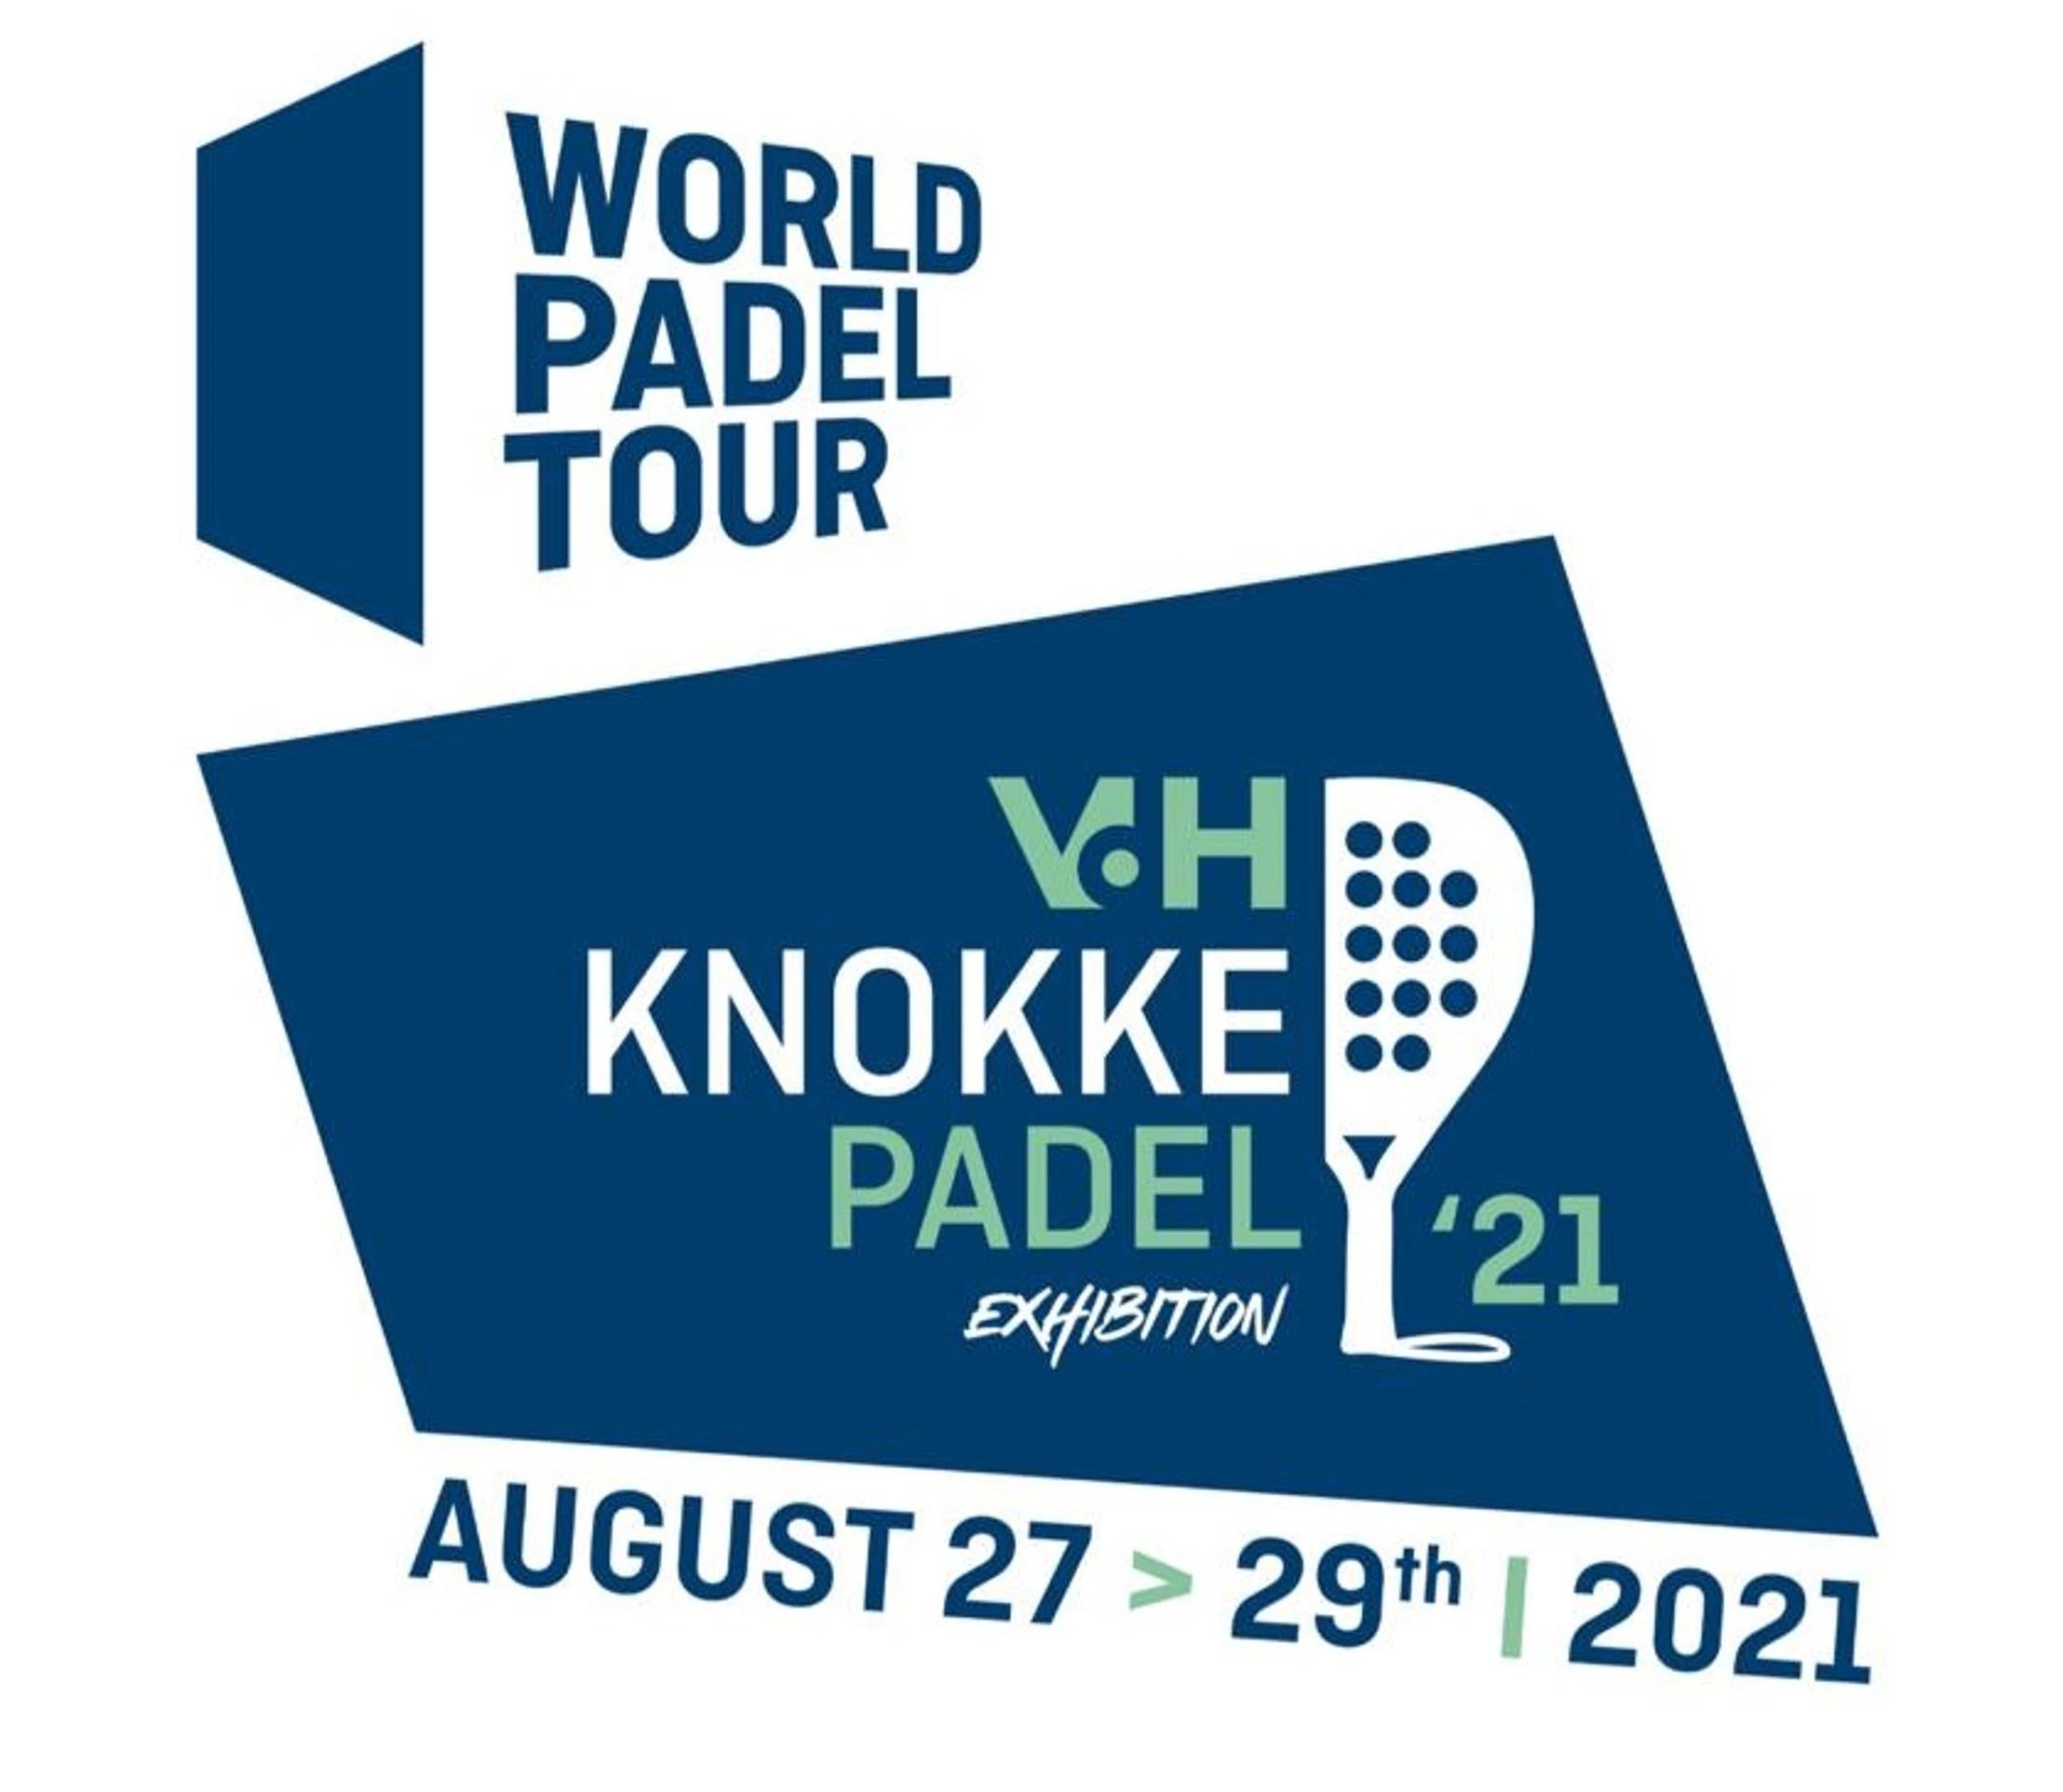 WPT Bélgica: ¡el programa de exposiciones a finales de agosto de 2021!